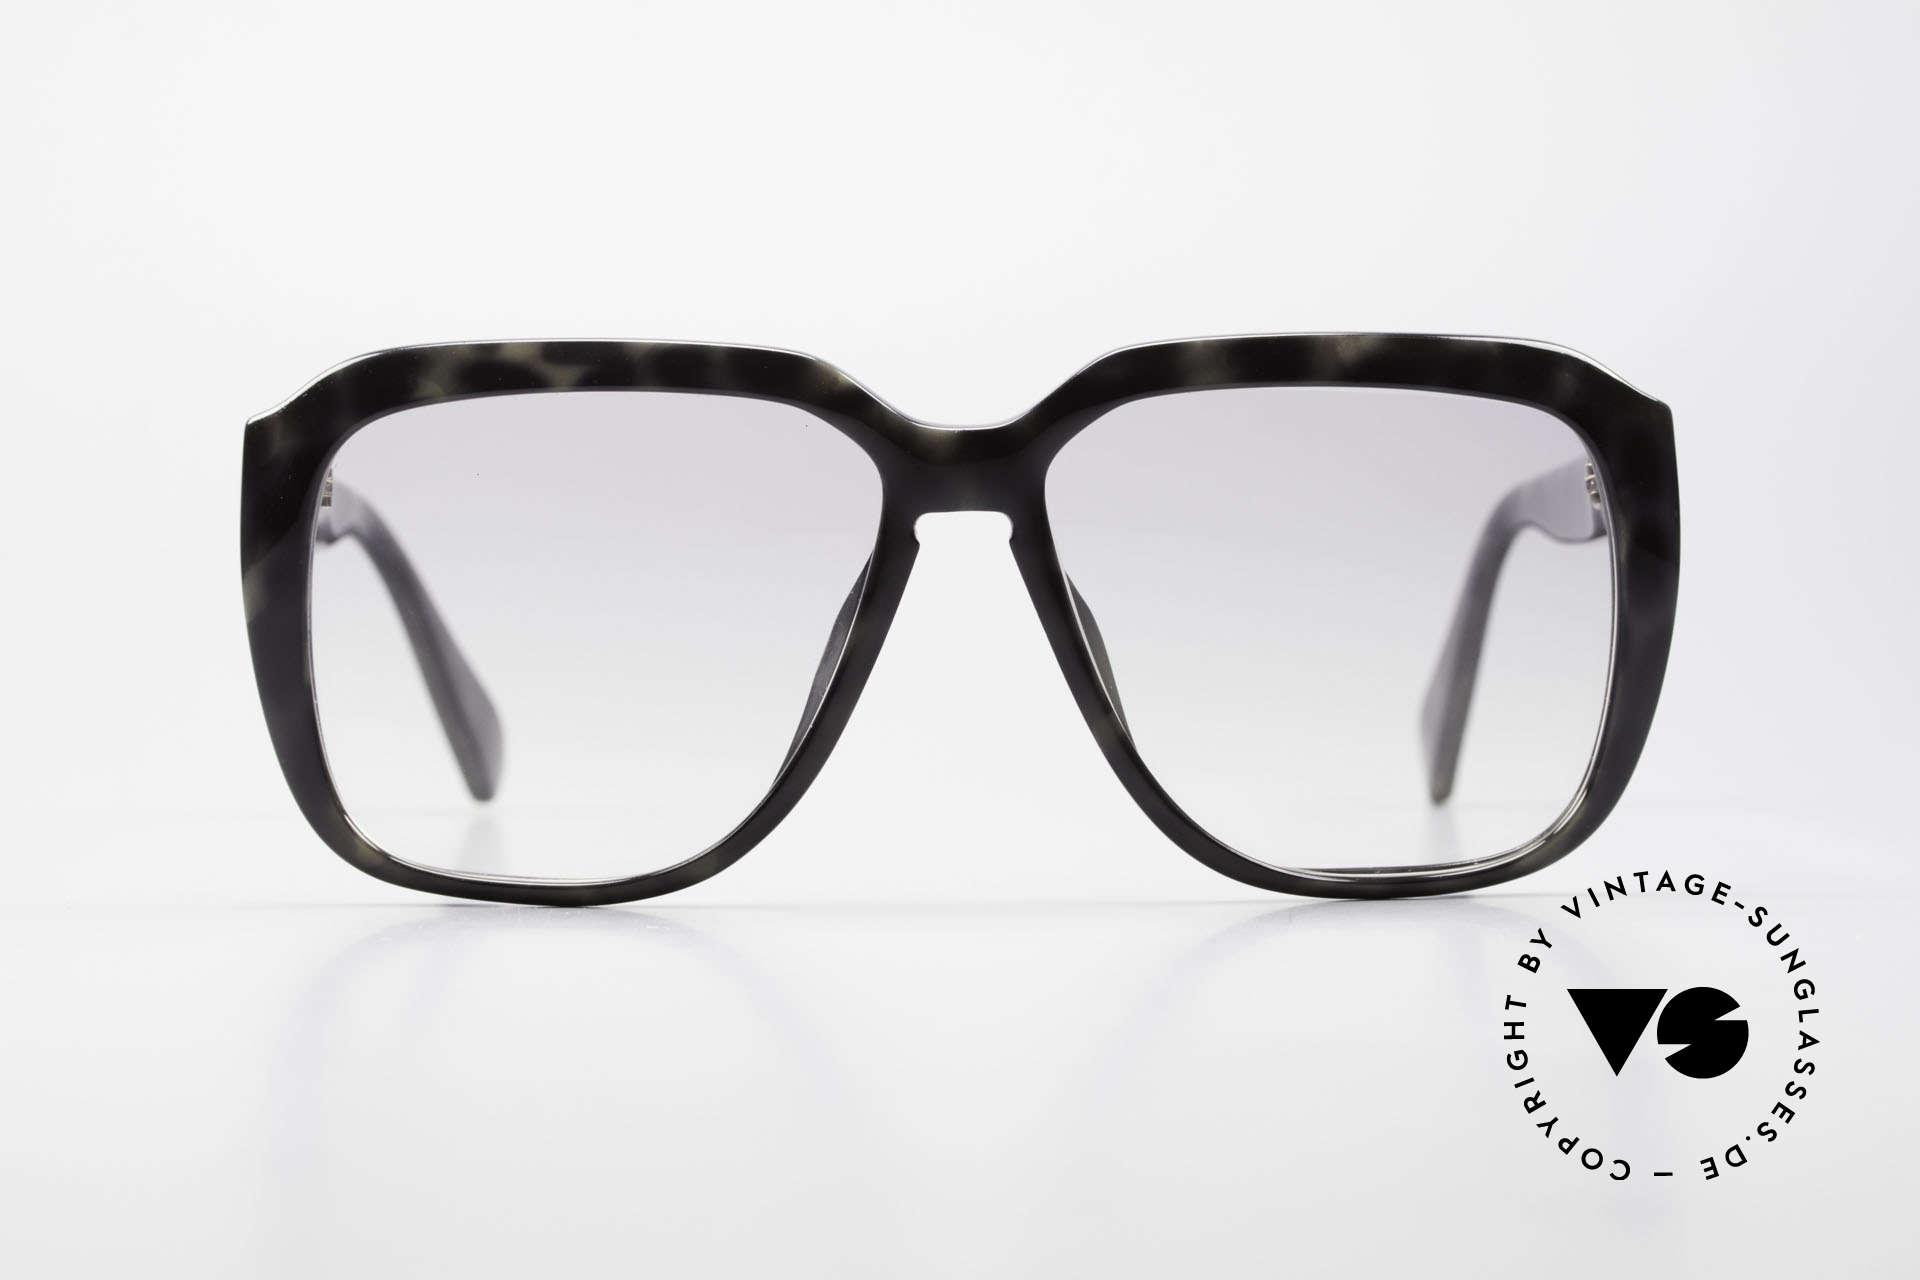 Dunhill 6045 80er Optyl Sonnenbrille Herren, sehr markante A. DUNHILL Sonnenbrille von 1986, Passend für Herren